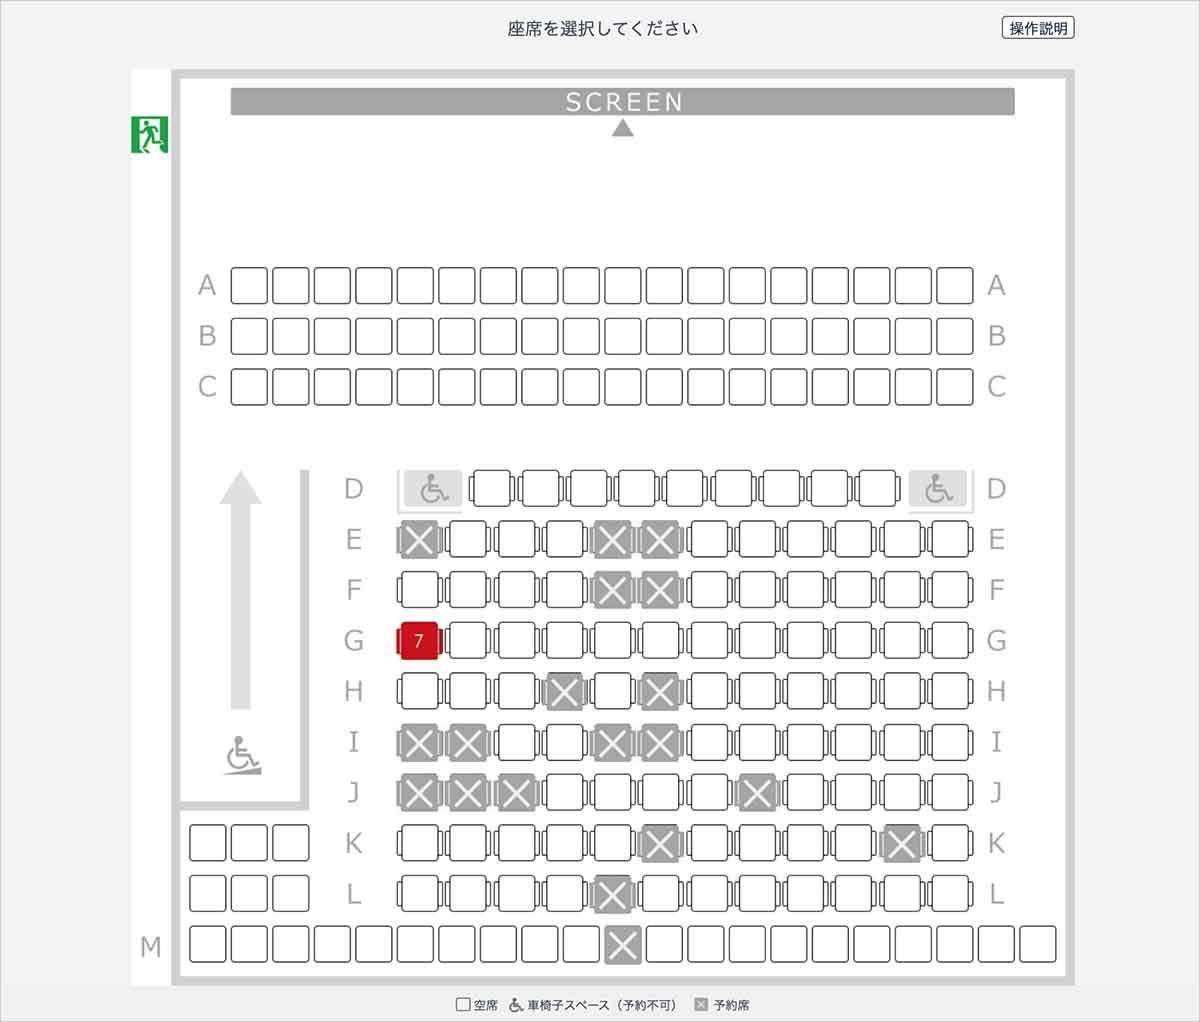 映画館の座席を選ぶ